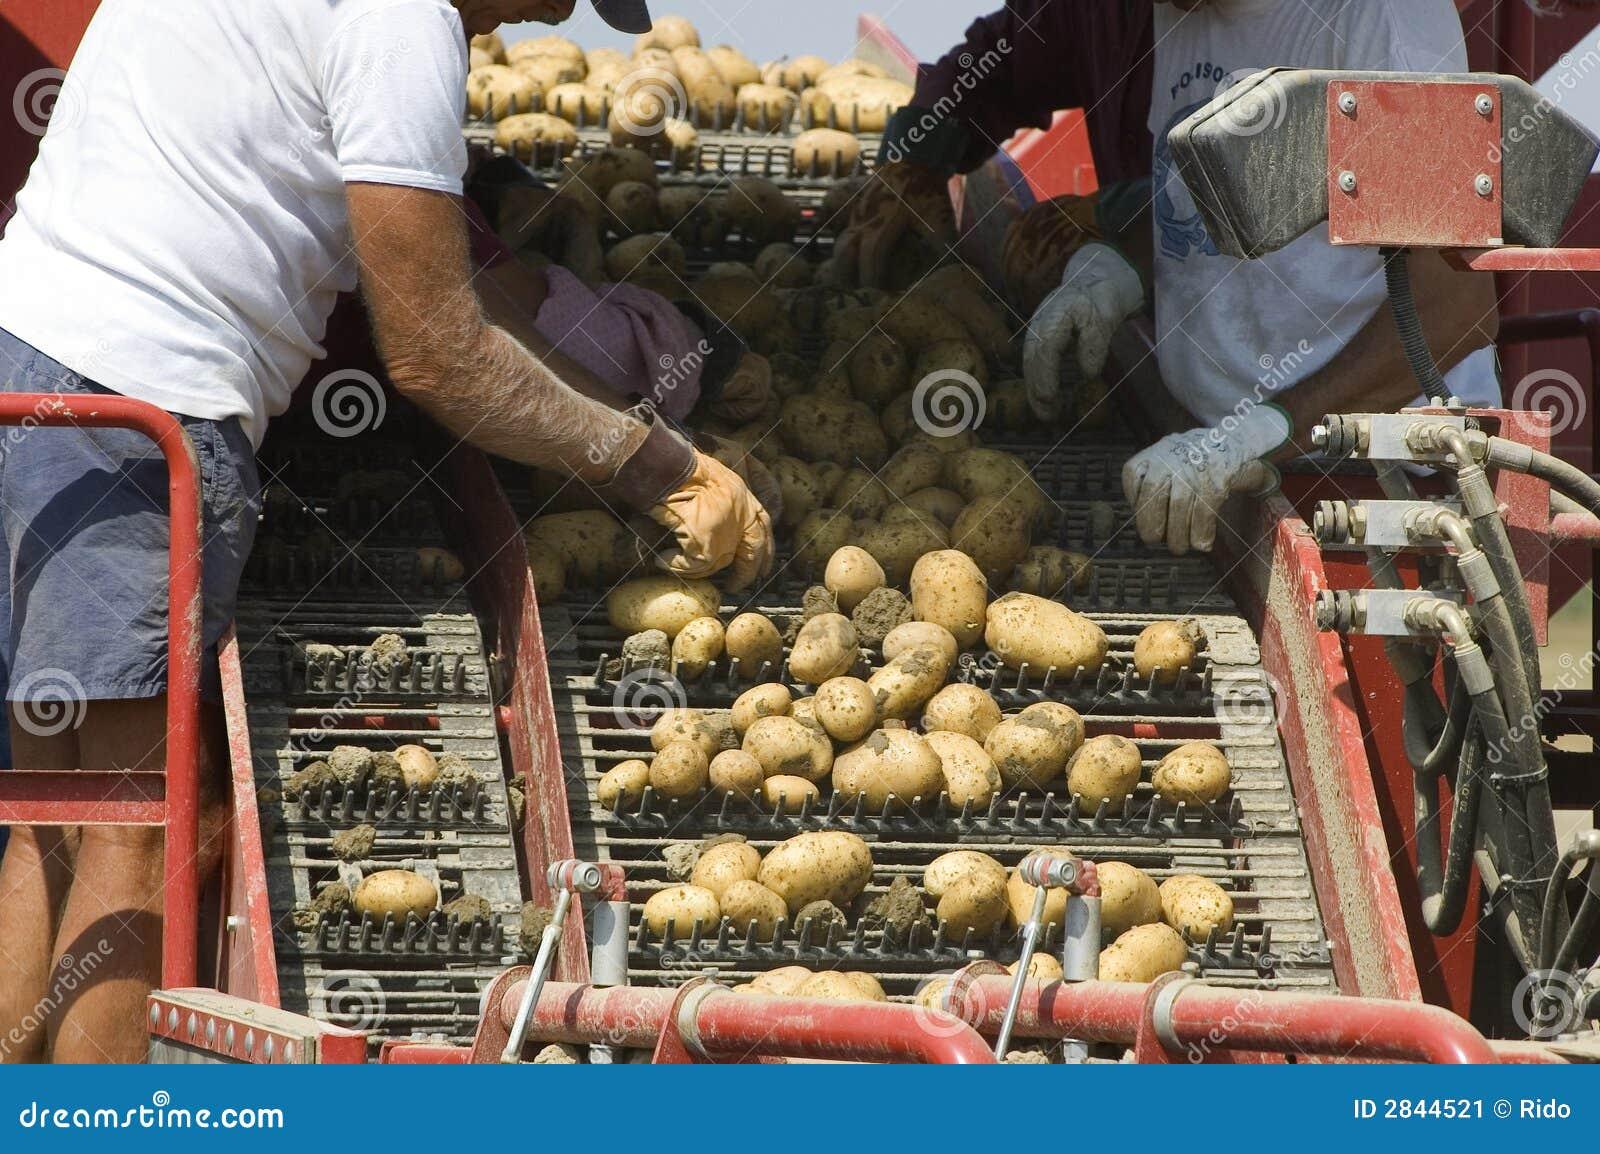 Potatoes selection